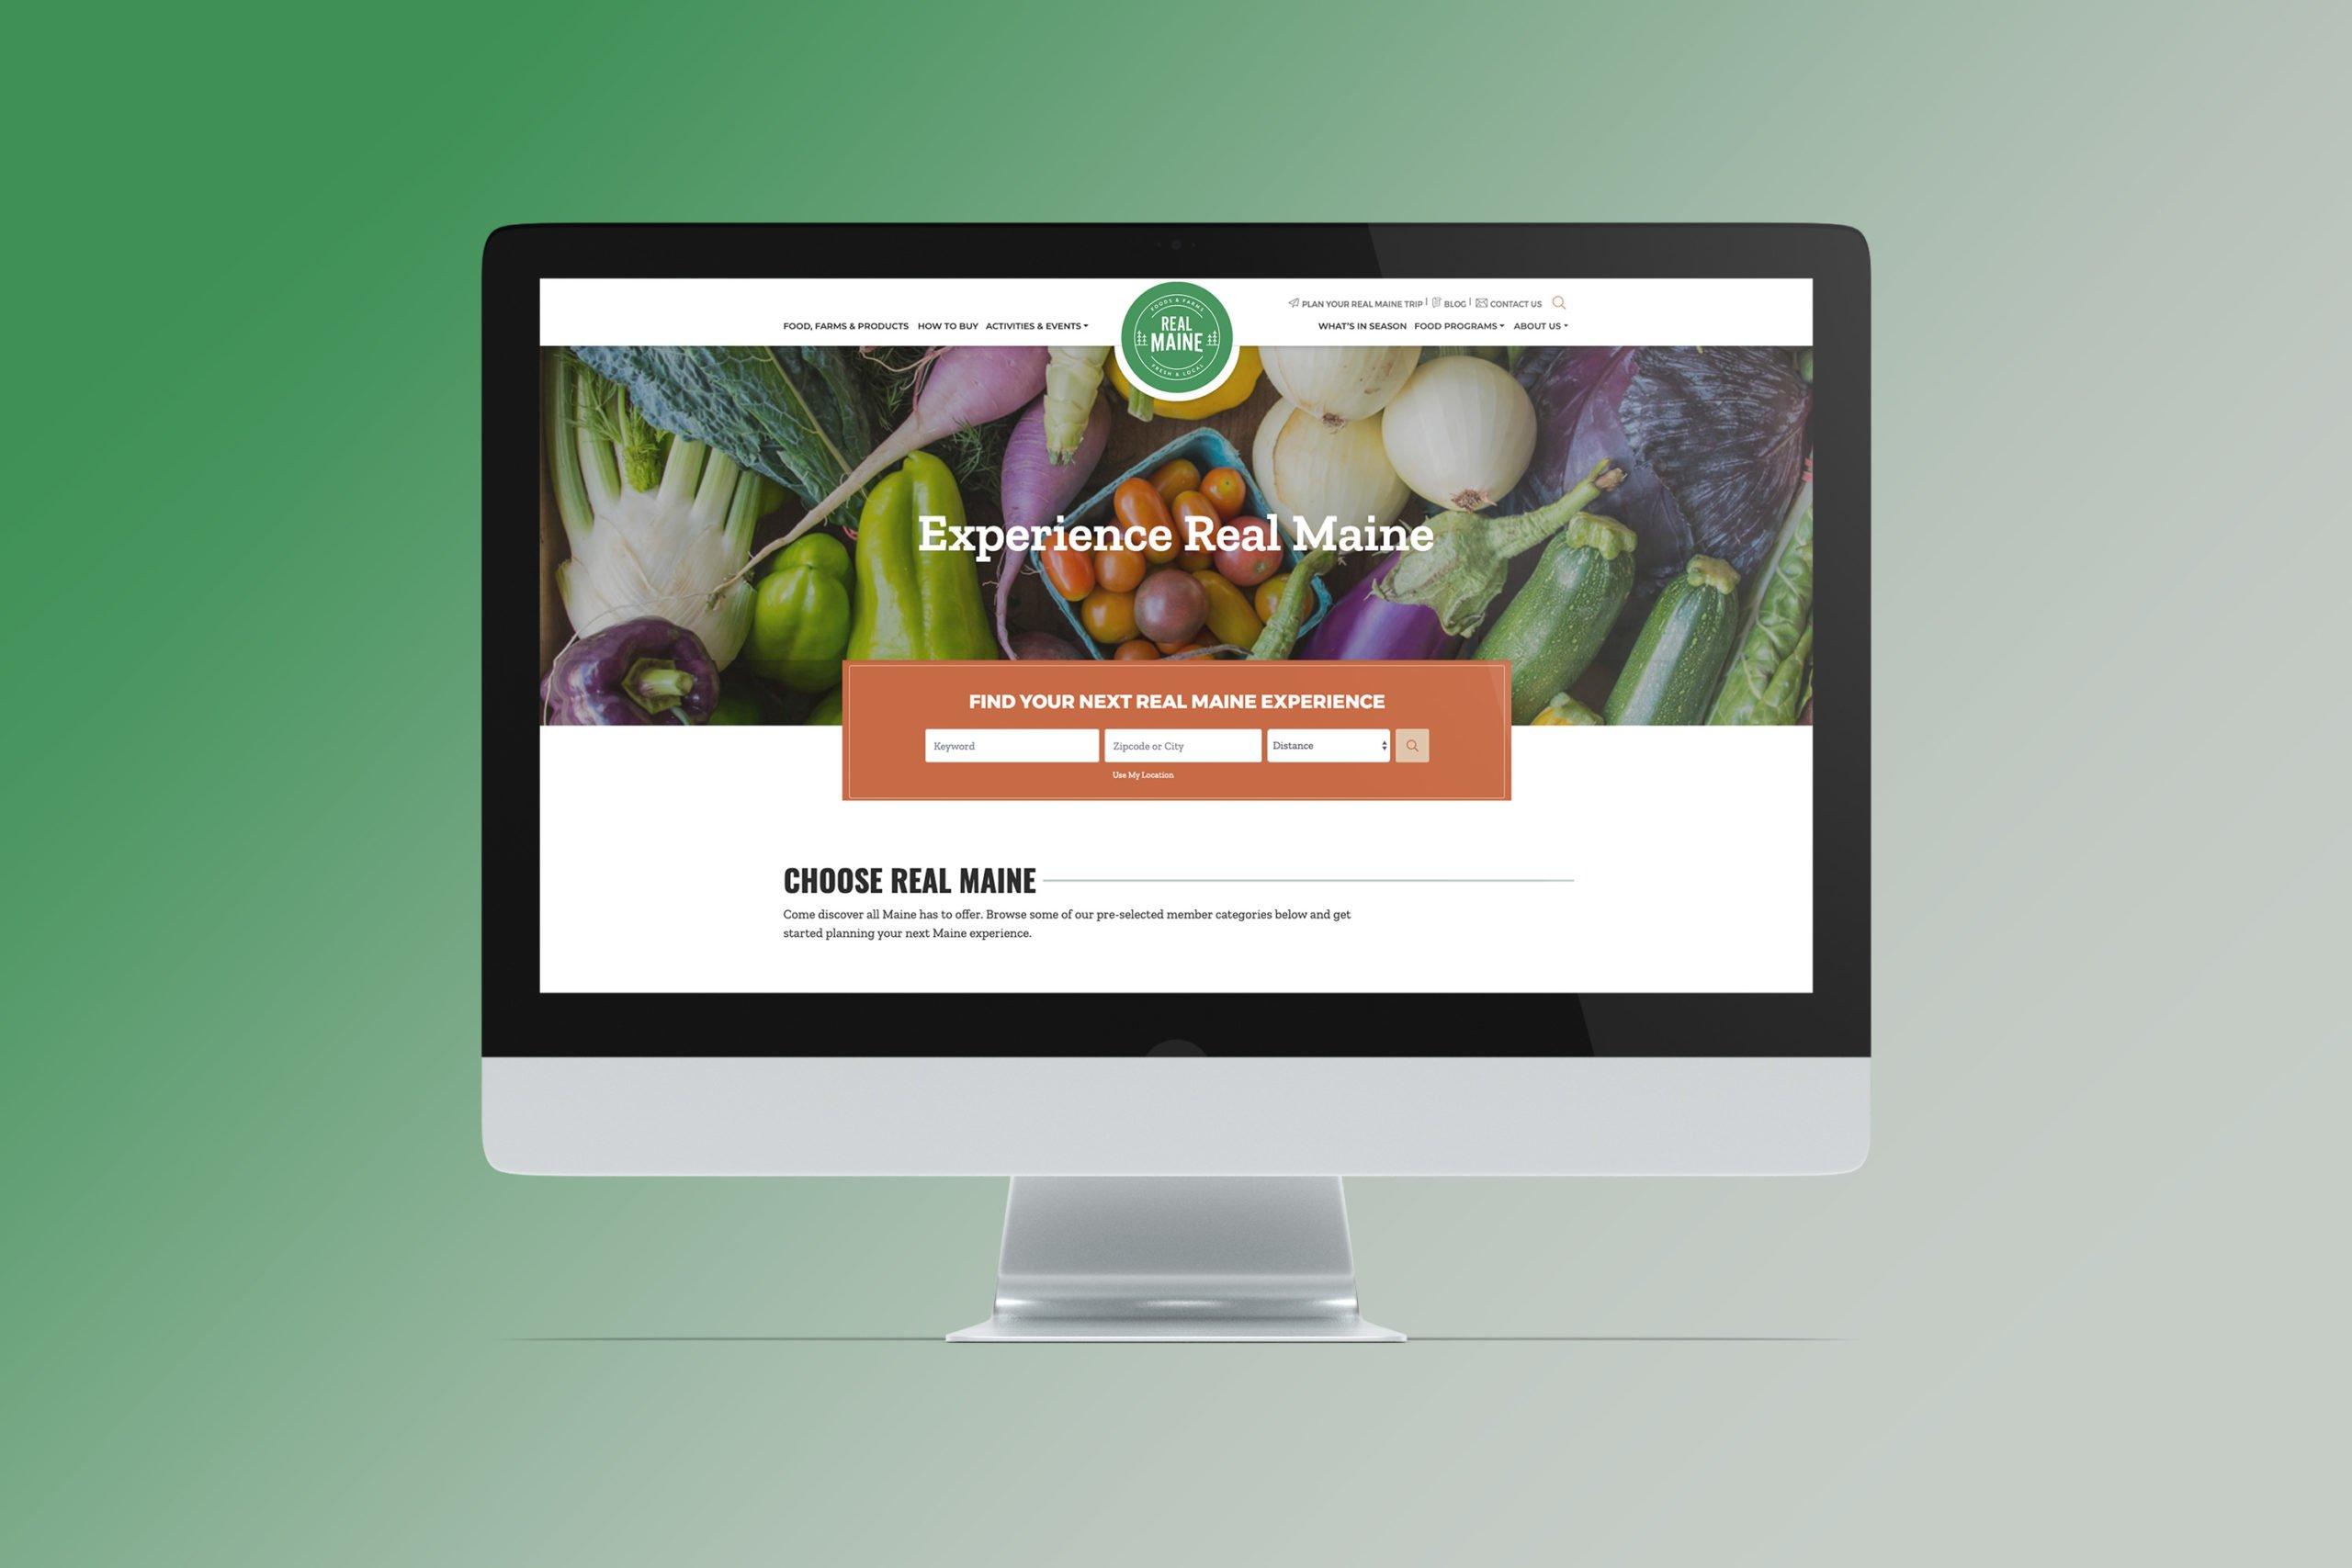 Get real maine homepage on desktop